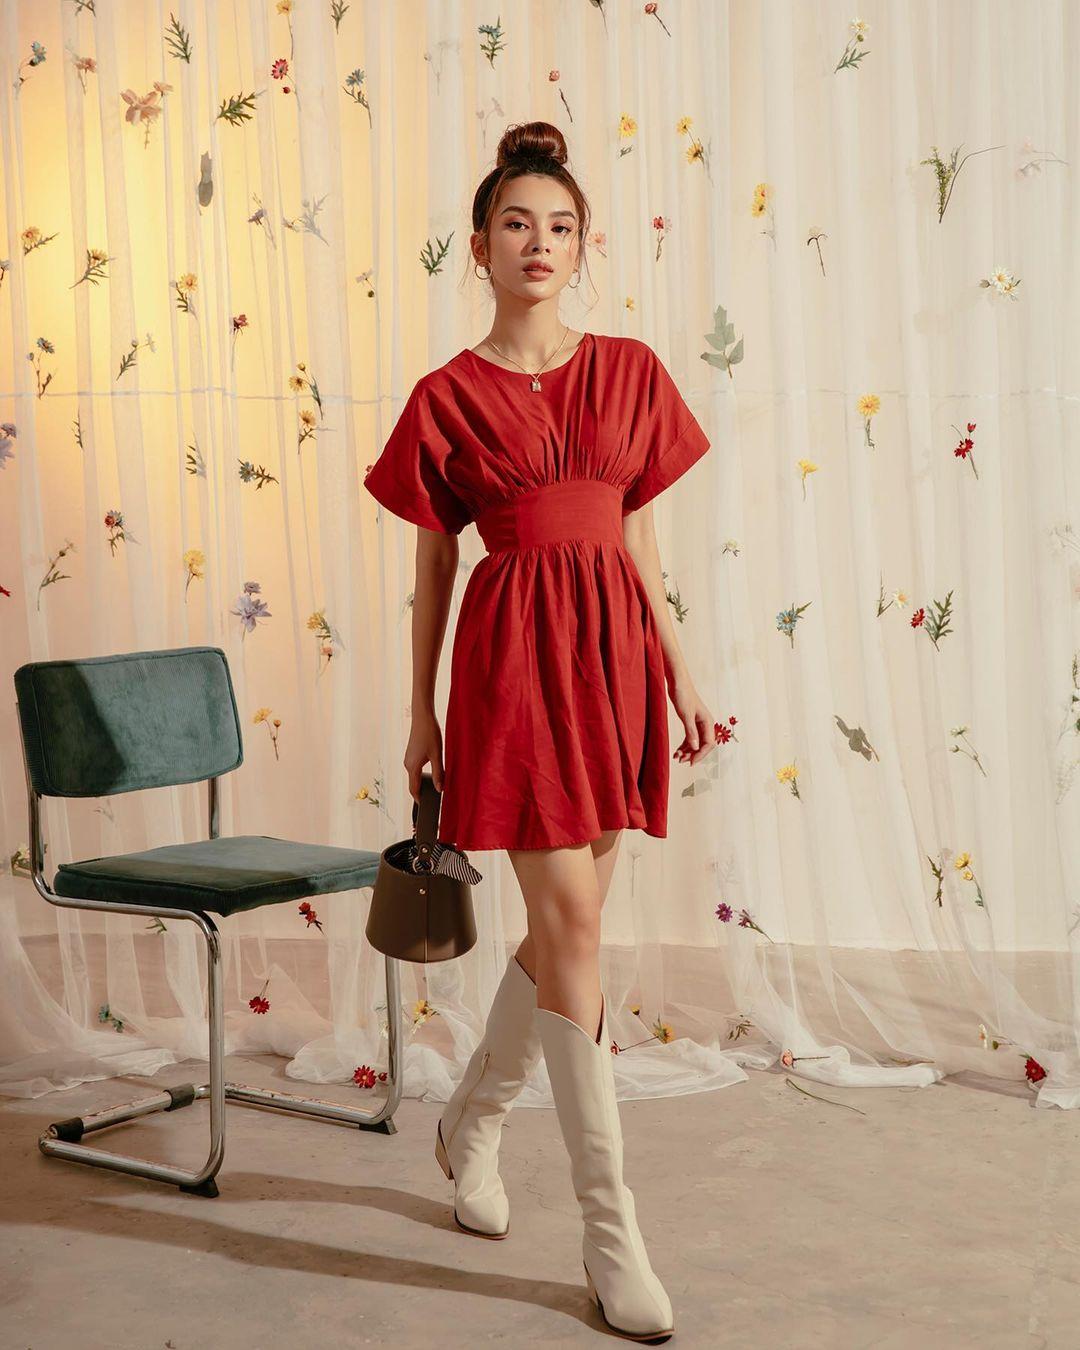 """10 mẫu váy đỏ rất sang chứ không hề chóe của các shop thời trang Việt, sắm ngay để năm mới """"đỏ thôi đen quên đi"""" - Ảnh 11."""